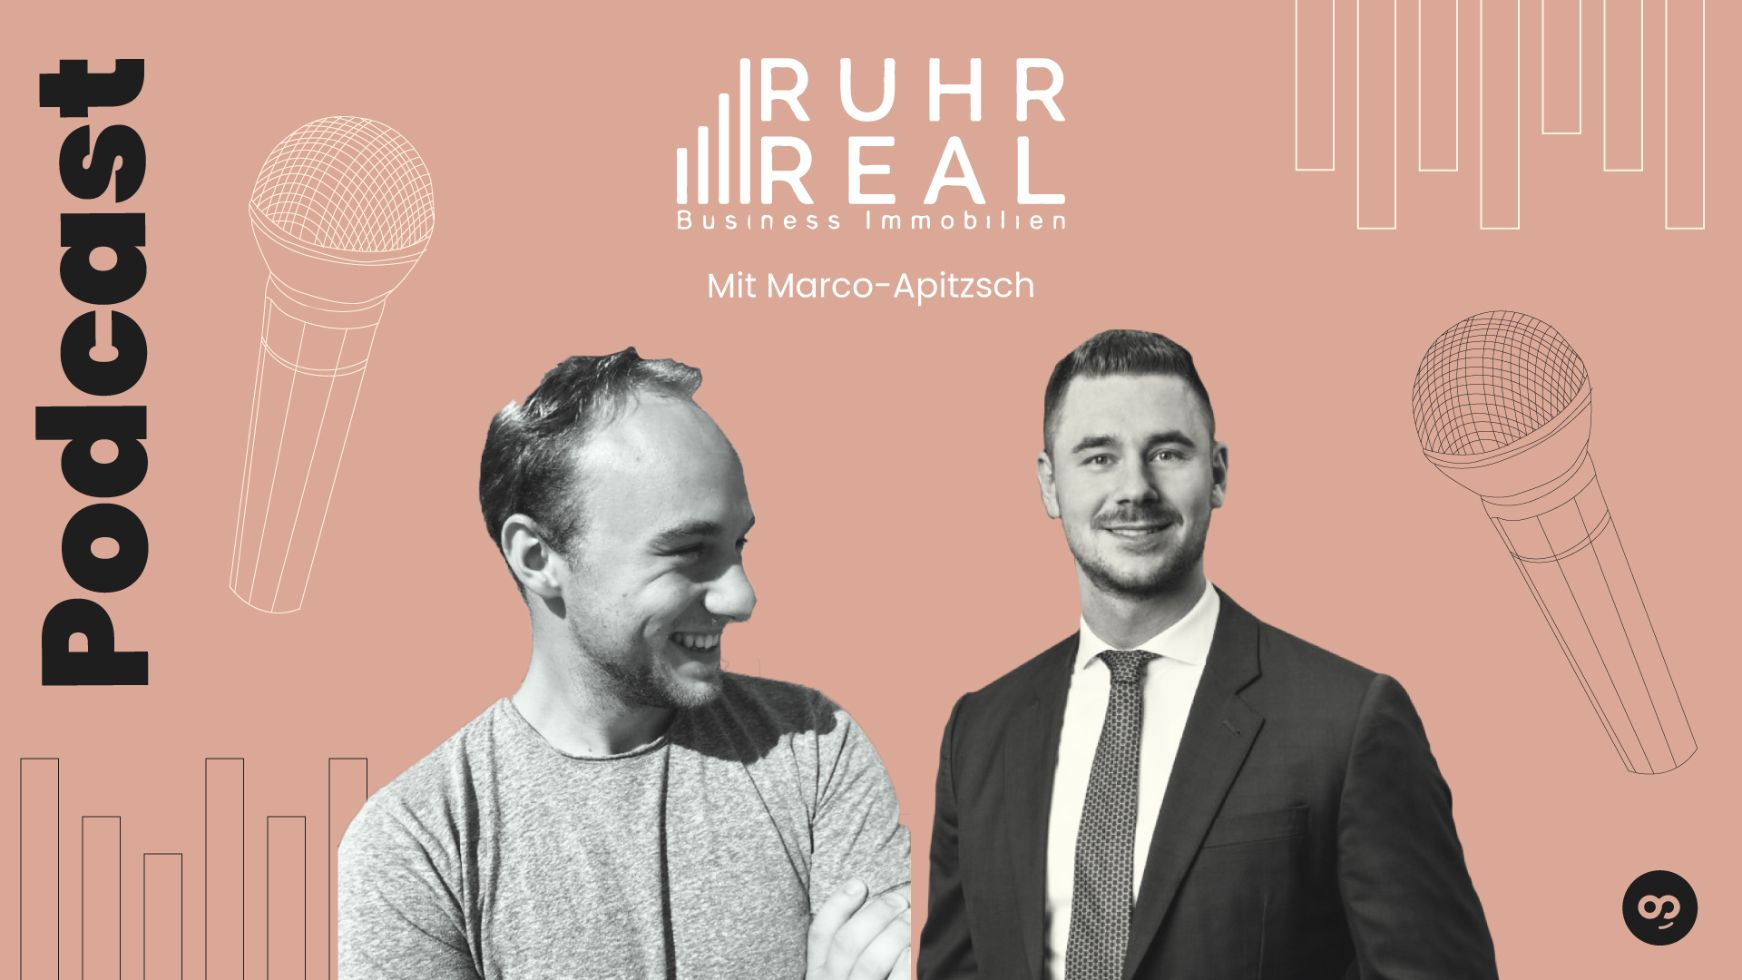 Der richtige Ansprechpartner für Immobilien im Ruhrgebiet